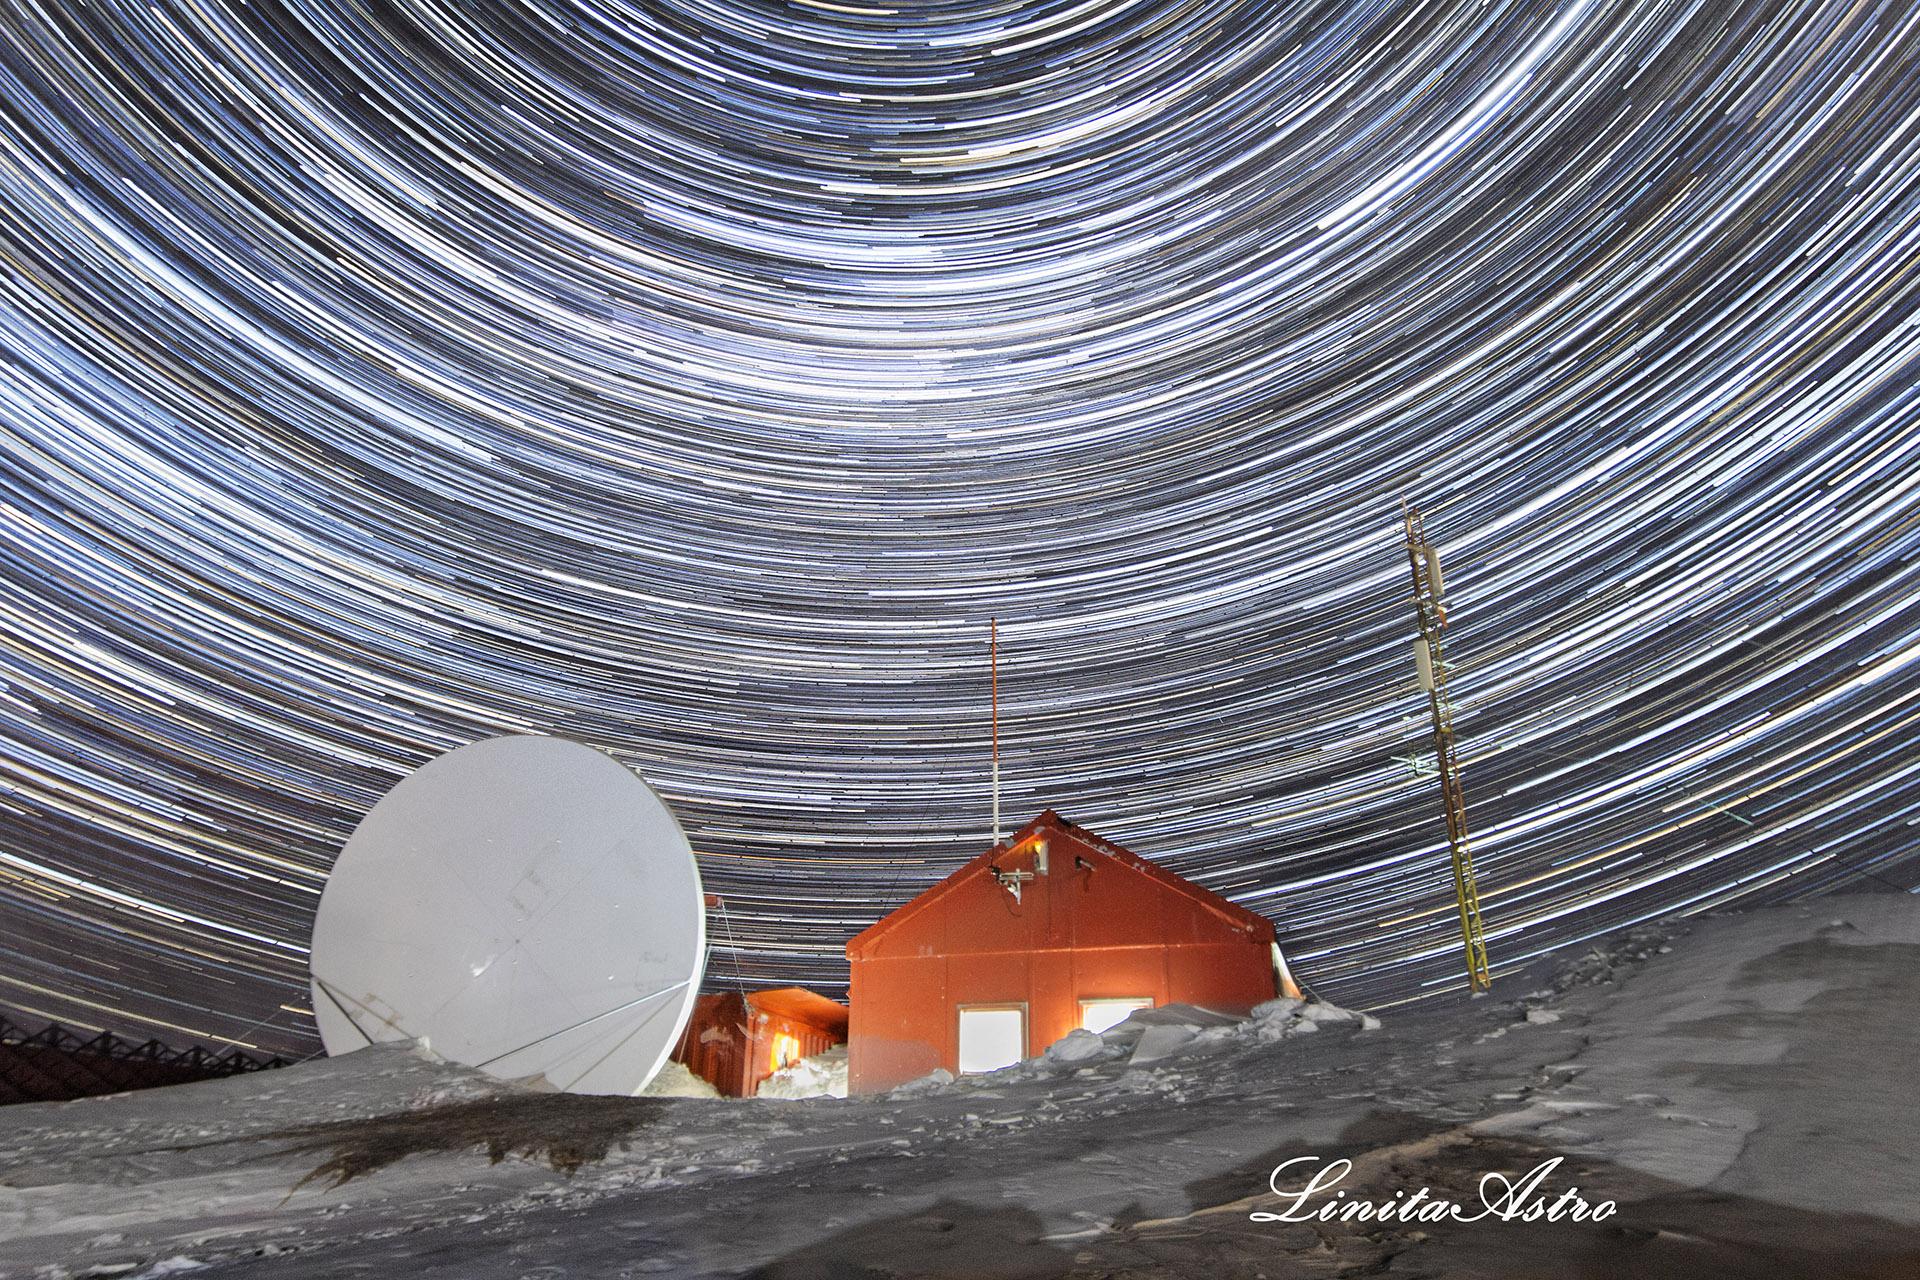 """""""Meteorología en movimiento"""": """"Lo que ven es el movimiento de la Tierra durante un período de tiempo. Para hacer una foto como ésta se necesita tiempo de exposición: en este caso, son 250 fotos que luego procesé en un programa para generar ese trazo de la estrella"""". Abajo, la oficina de meteorología de la Base Marambio."""